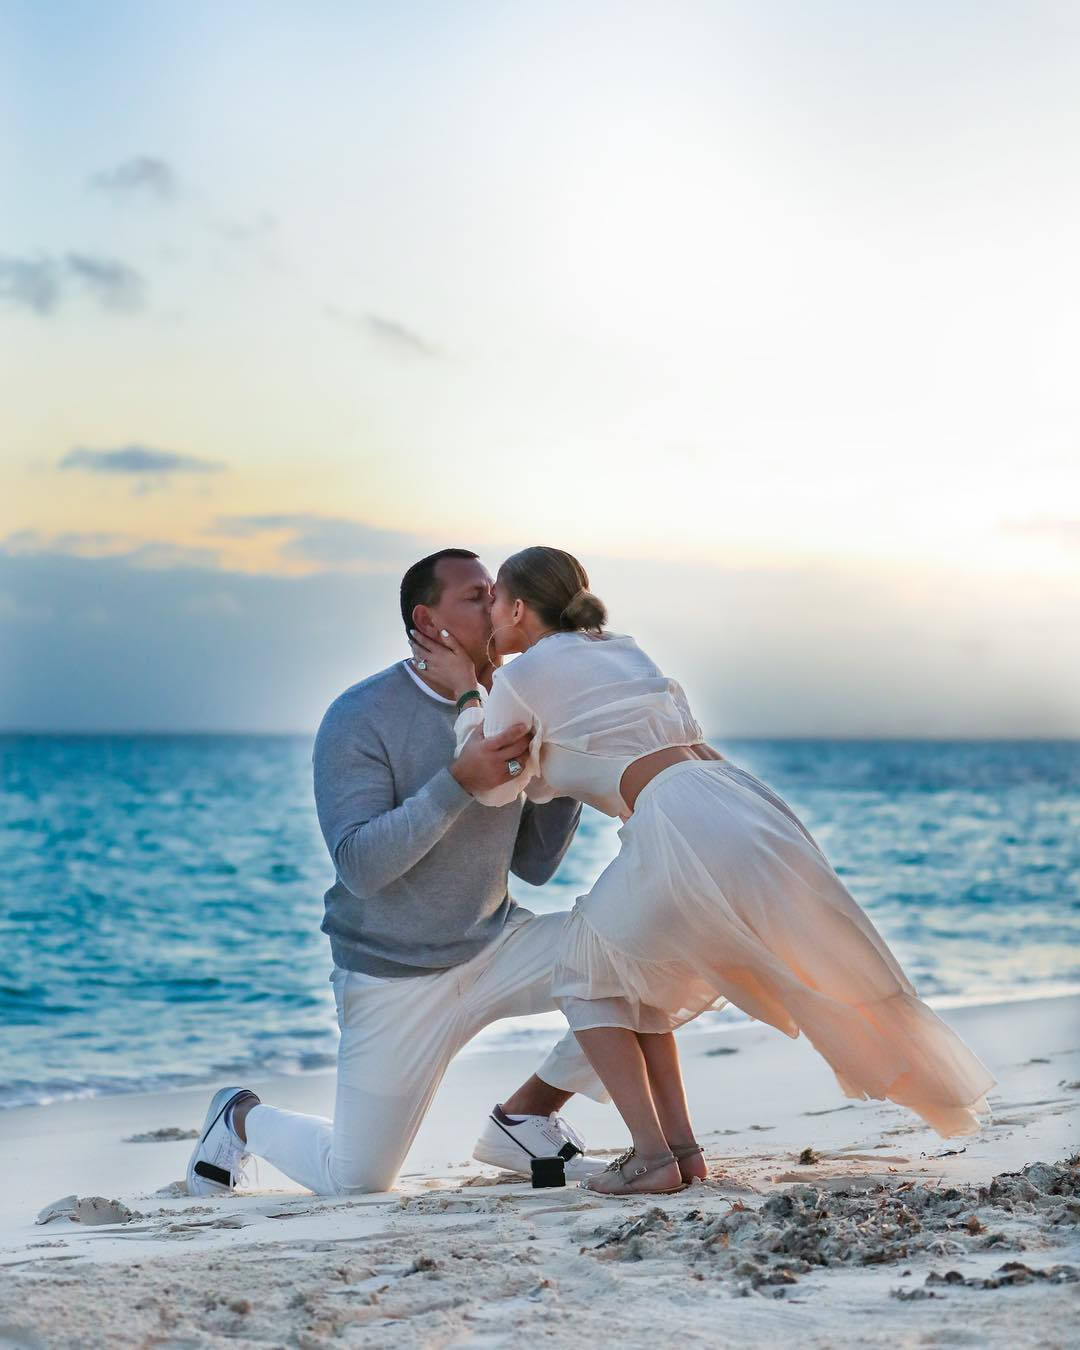 Sau khi khoe nhẫn siêu khủng, Jennifer Lopez tiếp tục gây ghen tị vì loạt ảnh cầu hôn đẹp như phim ngôn tình - Ảnh 5.